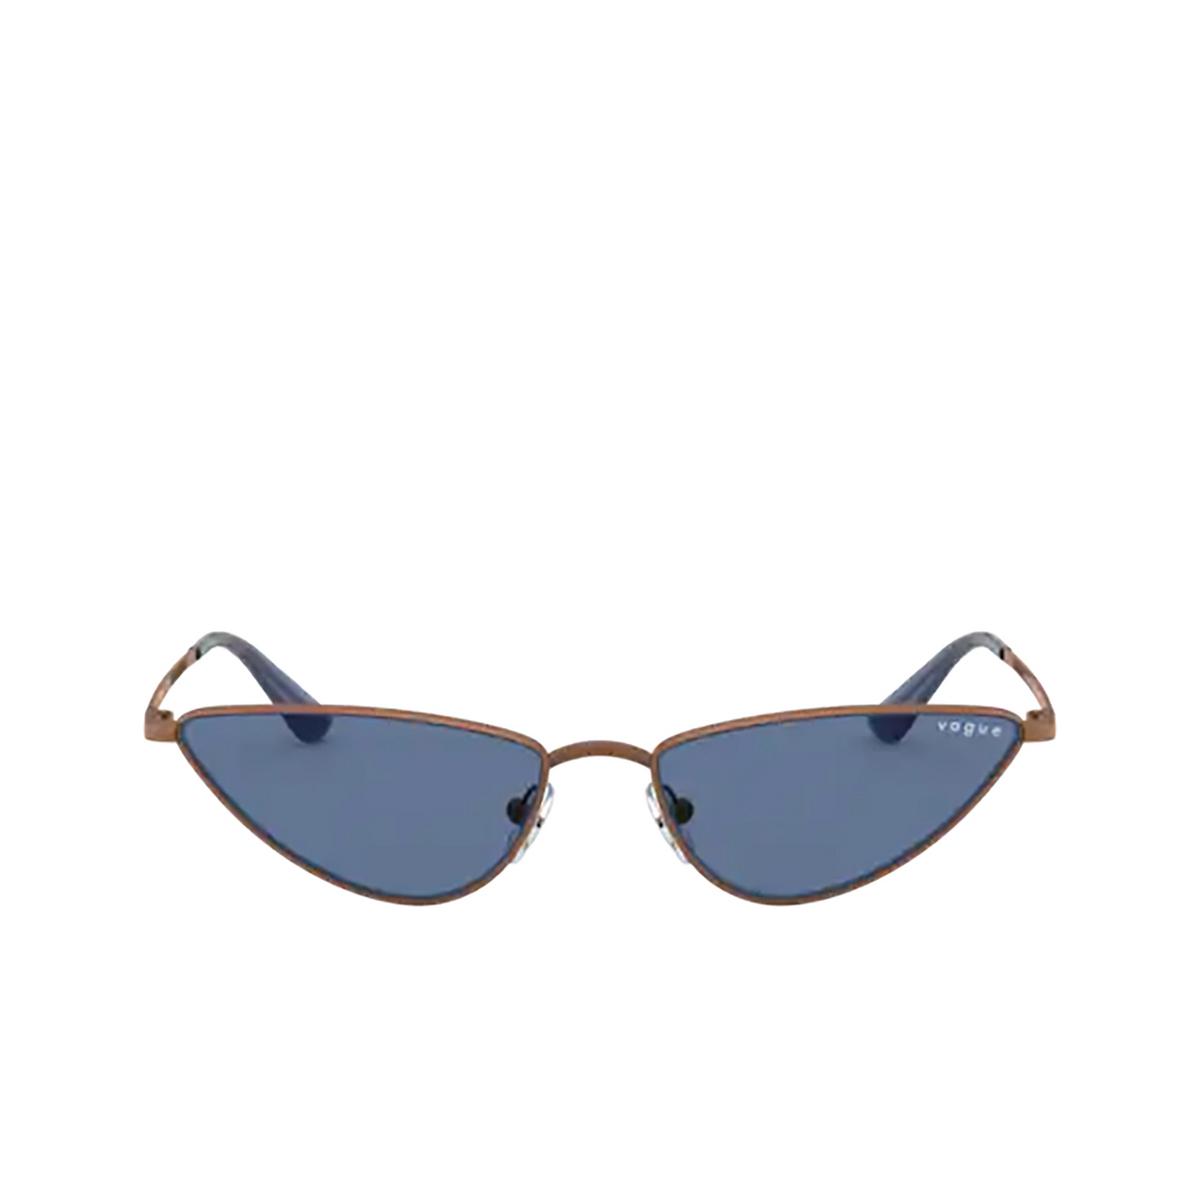 Vogue® Cat-eye Sunglasses: La Fayette VO4138SM color Copper 507420 - front view.